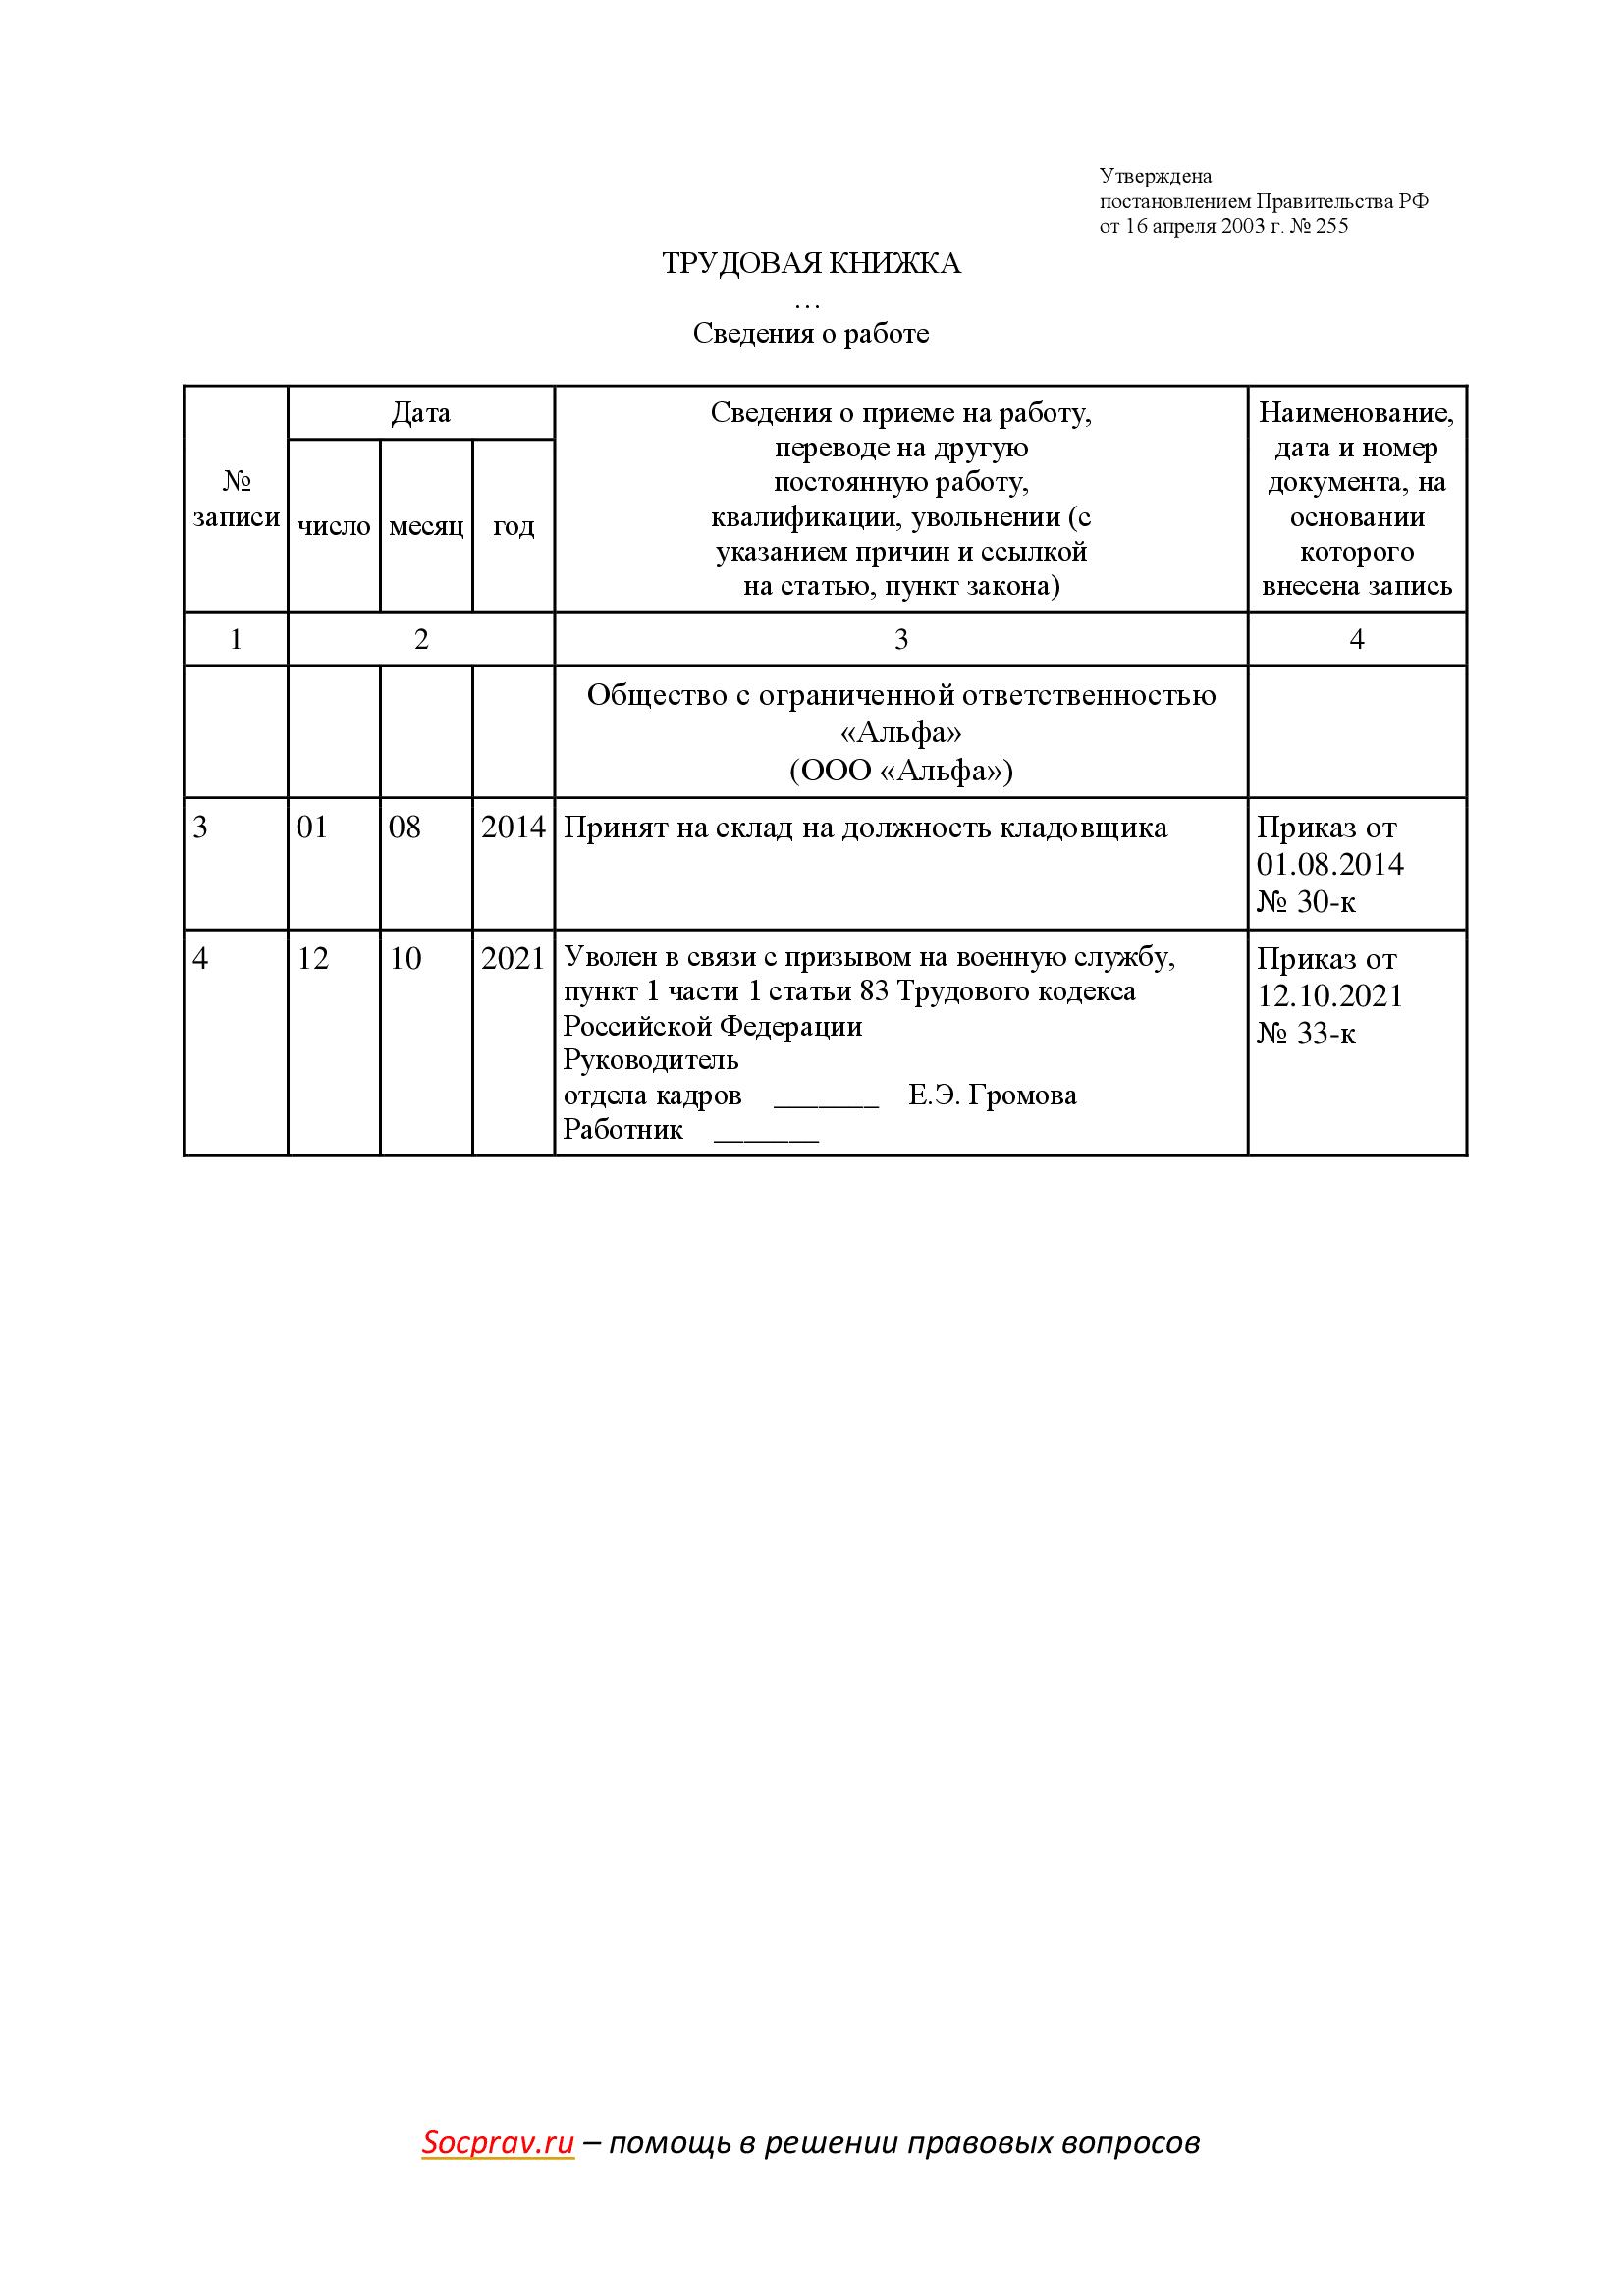 Запись в трудовой об увольнении в связи с призывом на военную службу